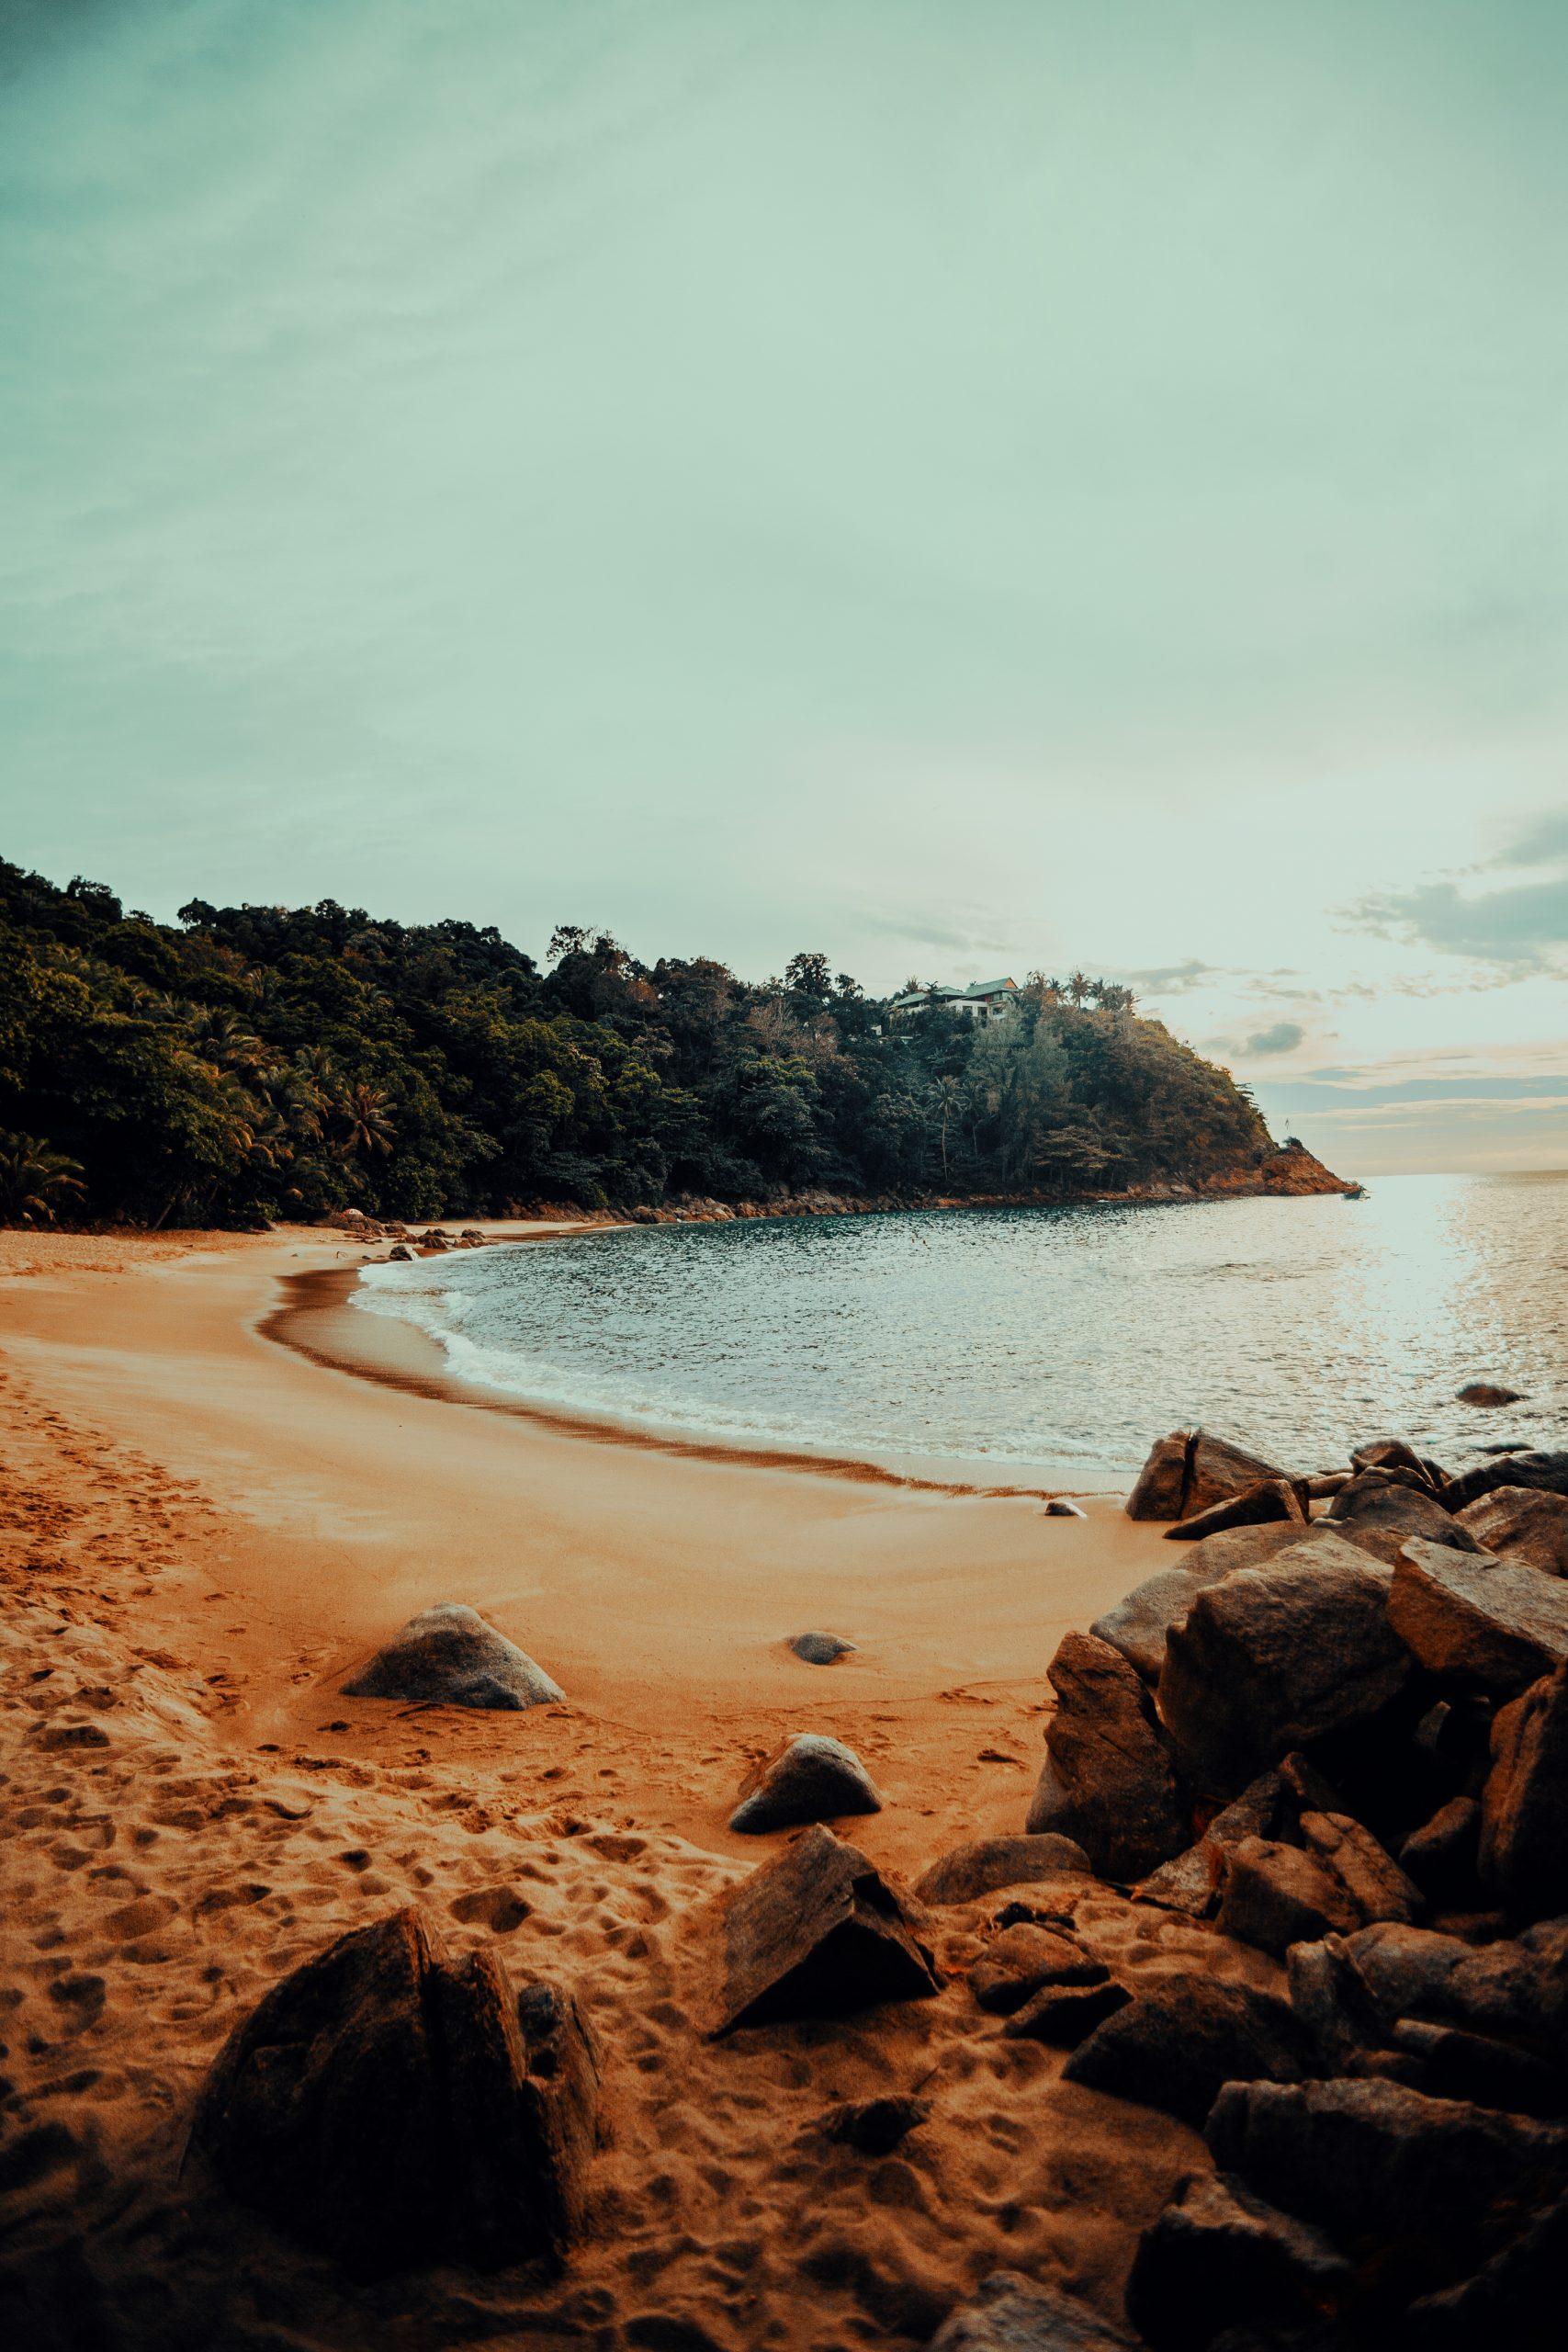 Beach at Island